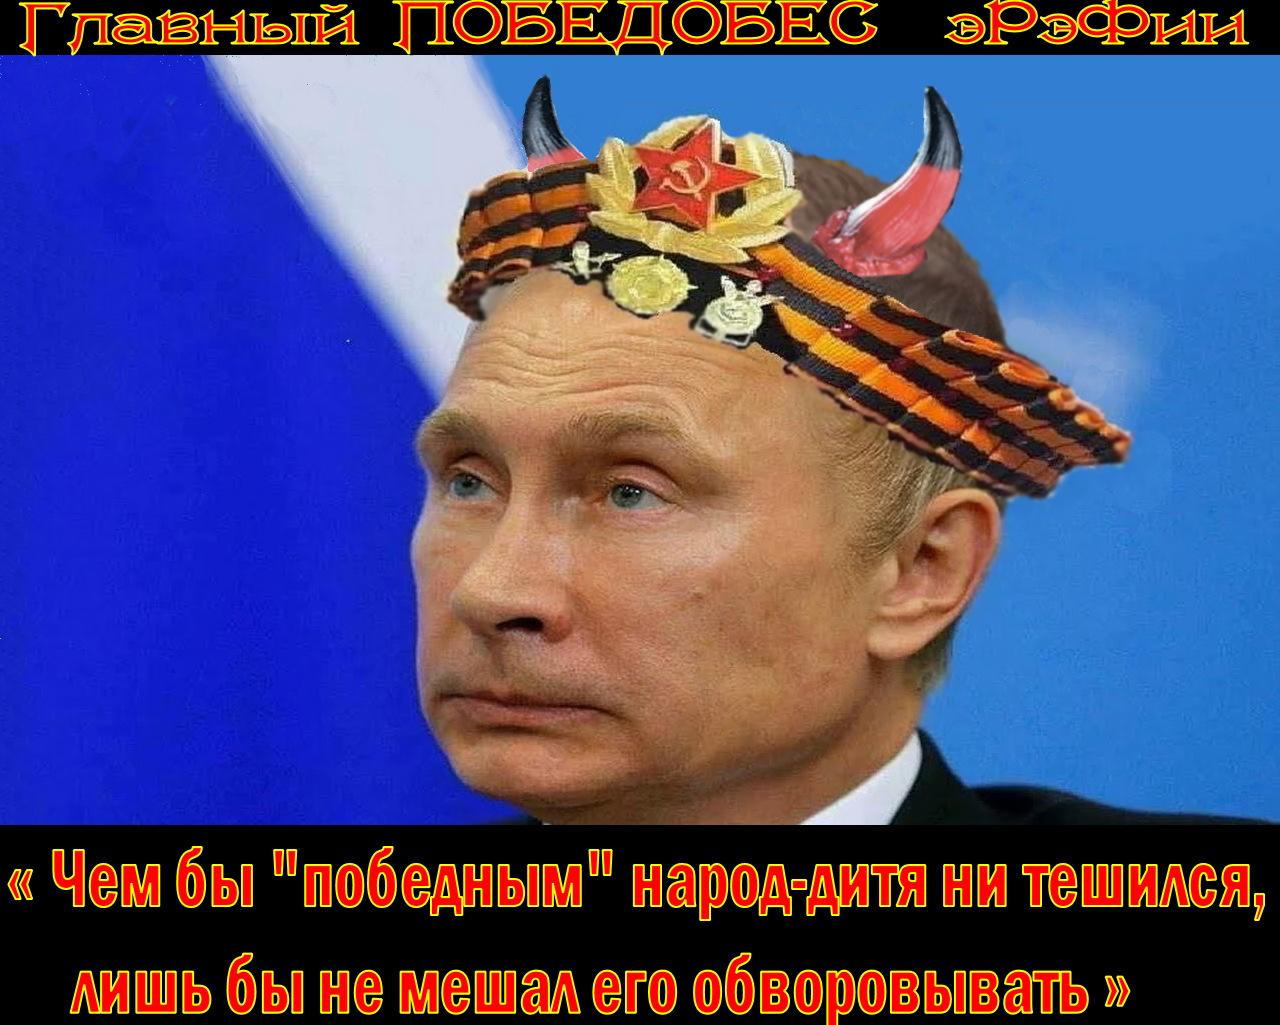 """Представители МП РПЦ и """"Двуглавого Орла"""" опять прикидываются дурачками, не знающими от кого исходит победобесие и сталинобесие.. """"Чем больше  будет победобесия, тем больше будет и сталинобесия"""", – увы, это аксиома."""